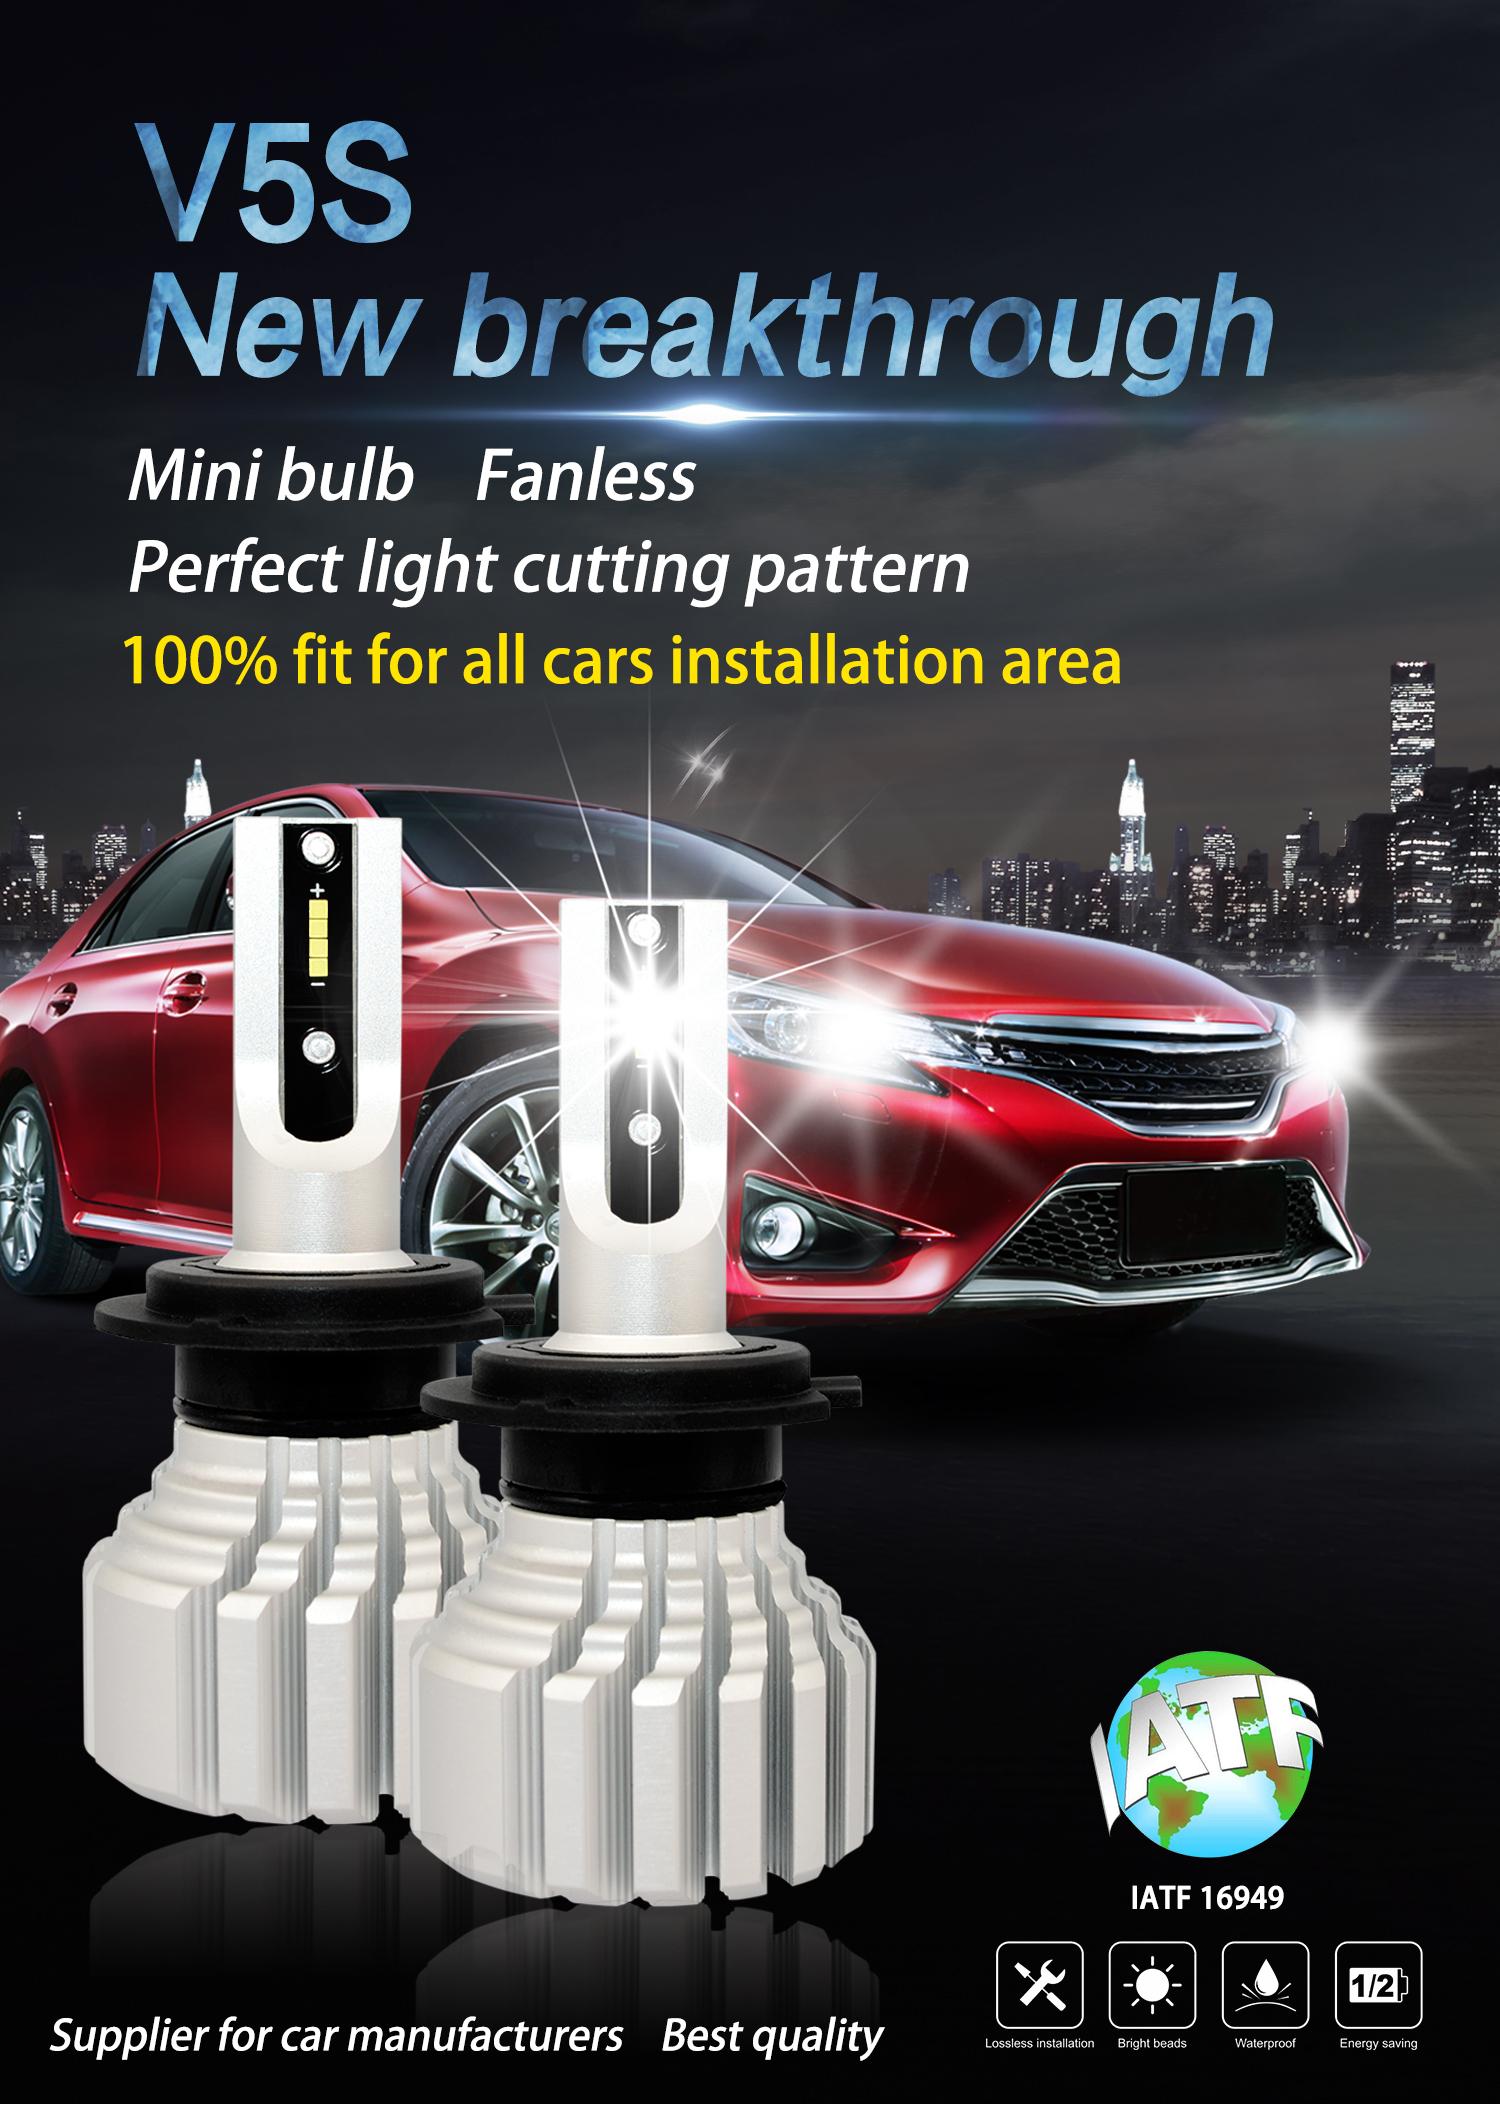 2PC H7 Bulbs 110W LED Headlight Conversion Kit Light Cars Driving Lamps 6500K